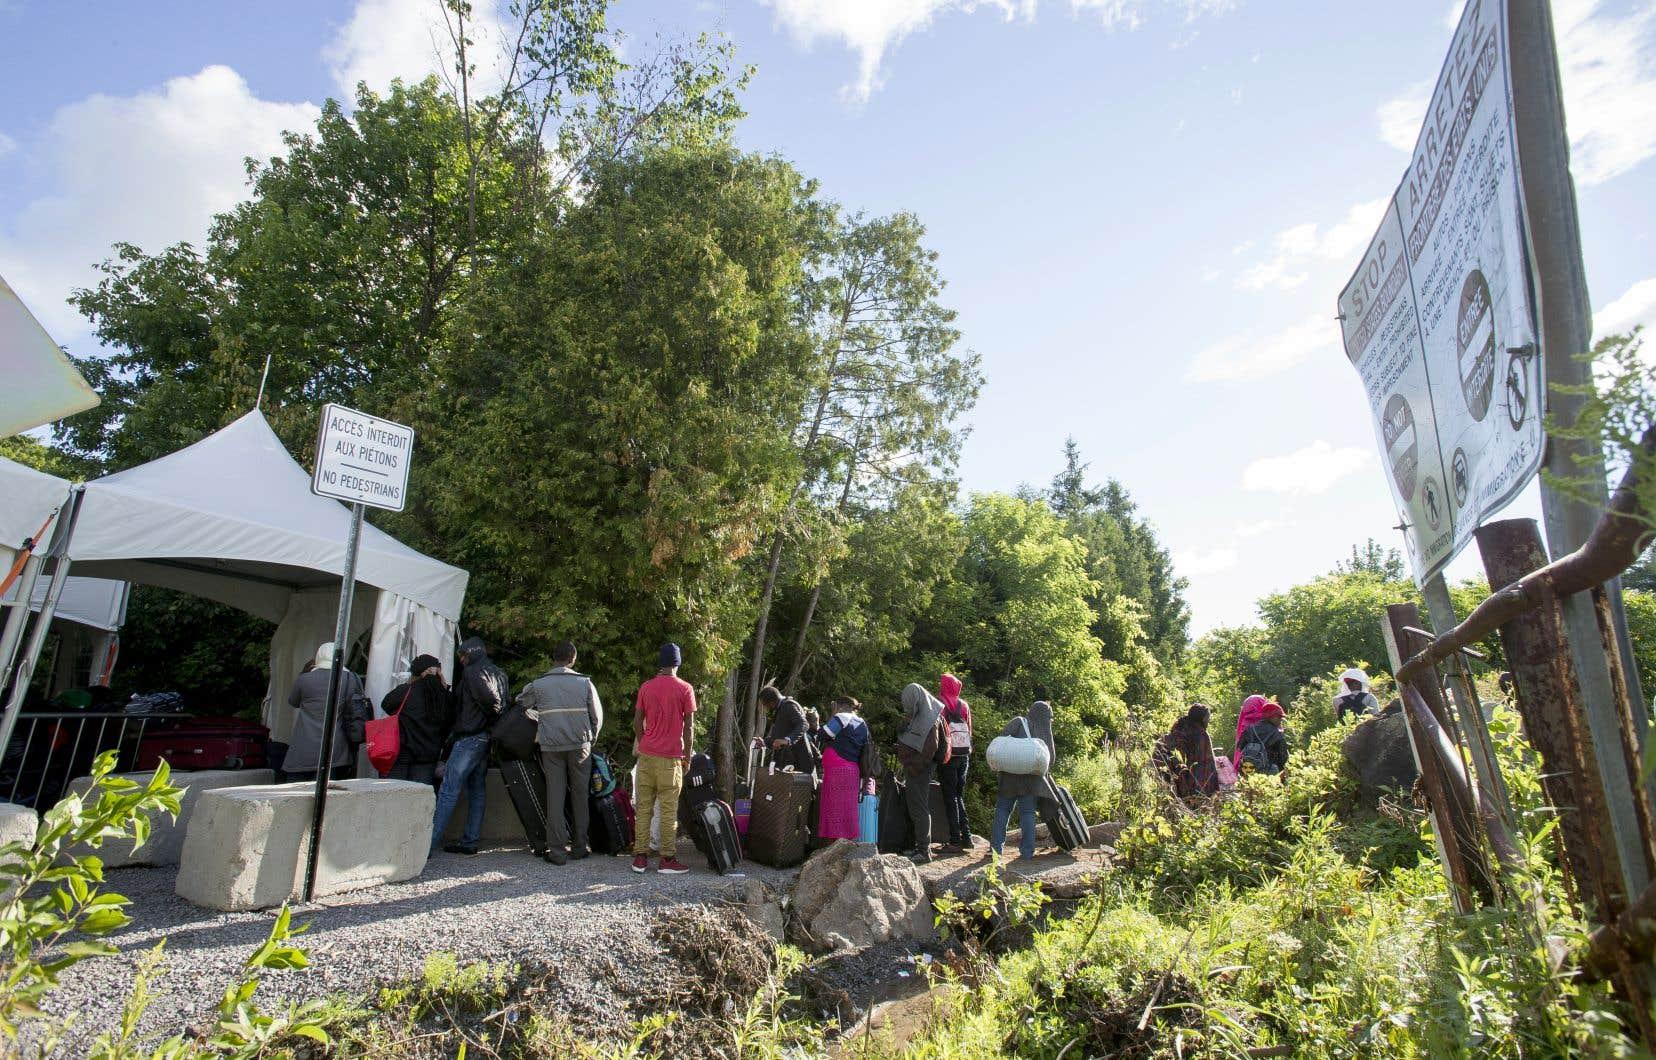 Depuis le début de l'année 2019, 1671 demandeurs d'asile irréguliers ont été interceptés sur le chemin Roxham par des agents de la GRC.